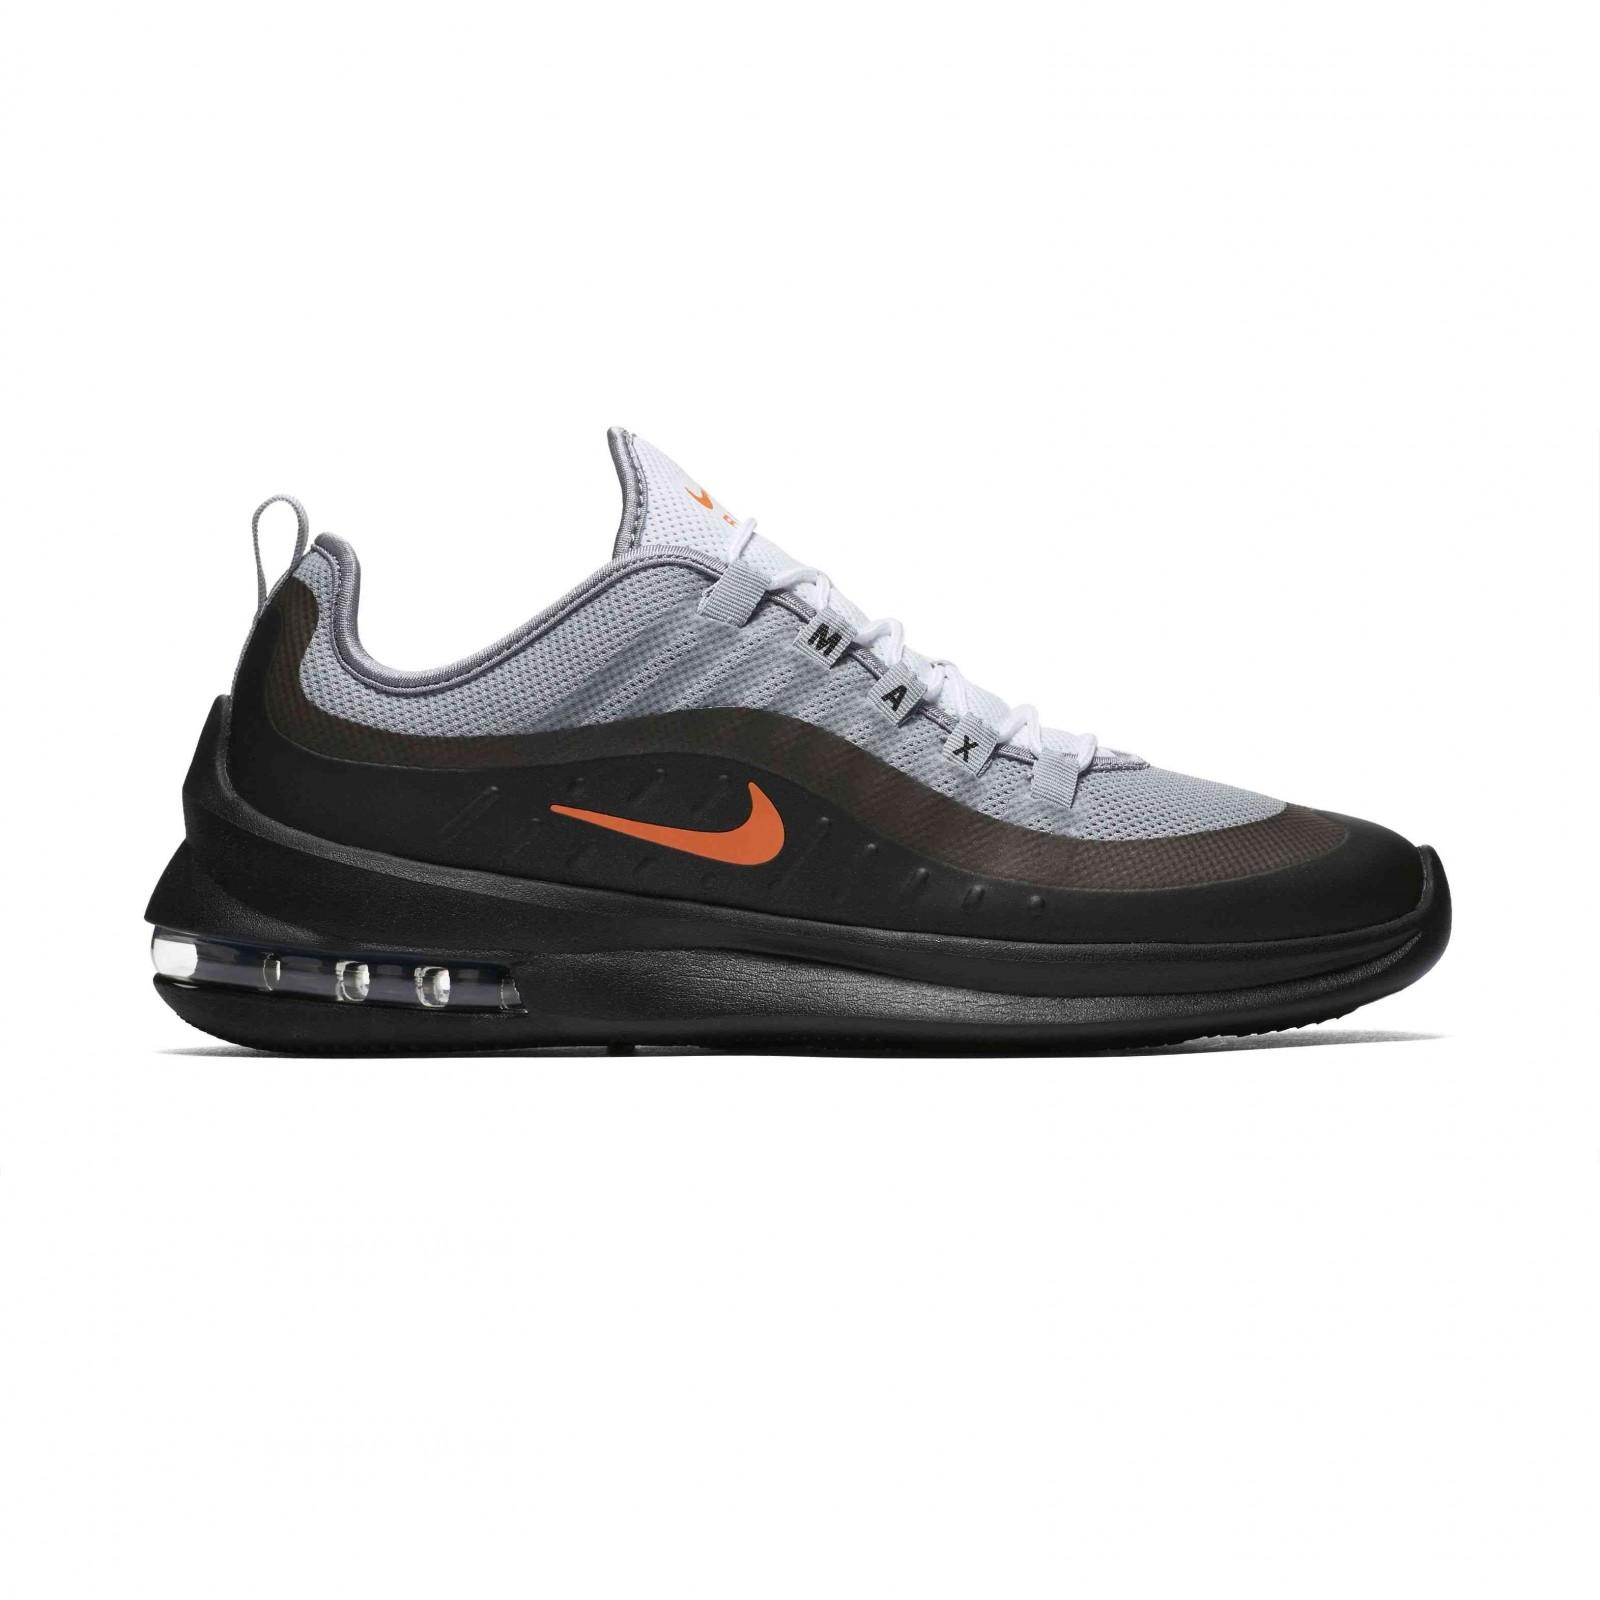 64d5665969e Pánské tenisky Nike AIR MAX AXIS